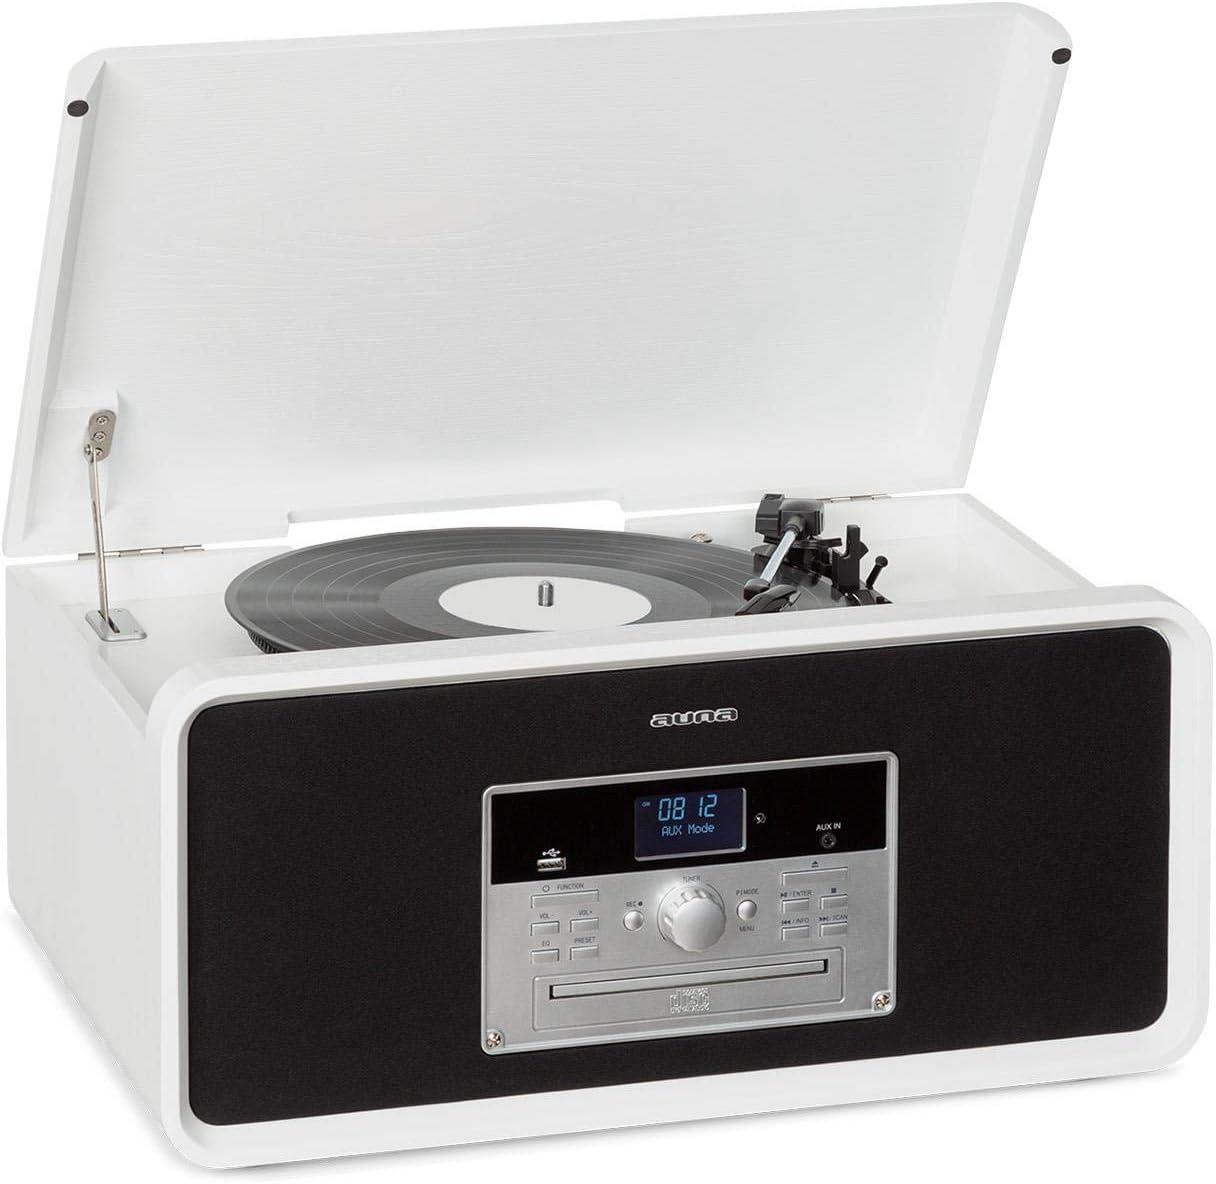 USB-Port Bluetooth CD-Player f/ür CD-R//RW /& MP3CD AUX-IN Radio DAB+//UKW Fernbedienung wei/ß Plattenspieler mit 33//45//78 RPM Stereoanlage Aufnahme-Funktion auna Bella Ann